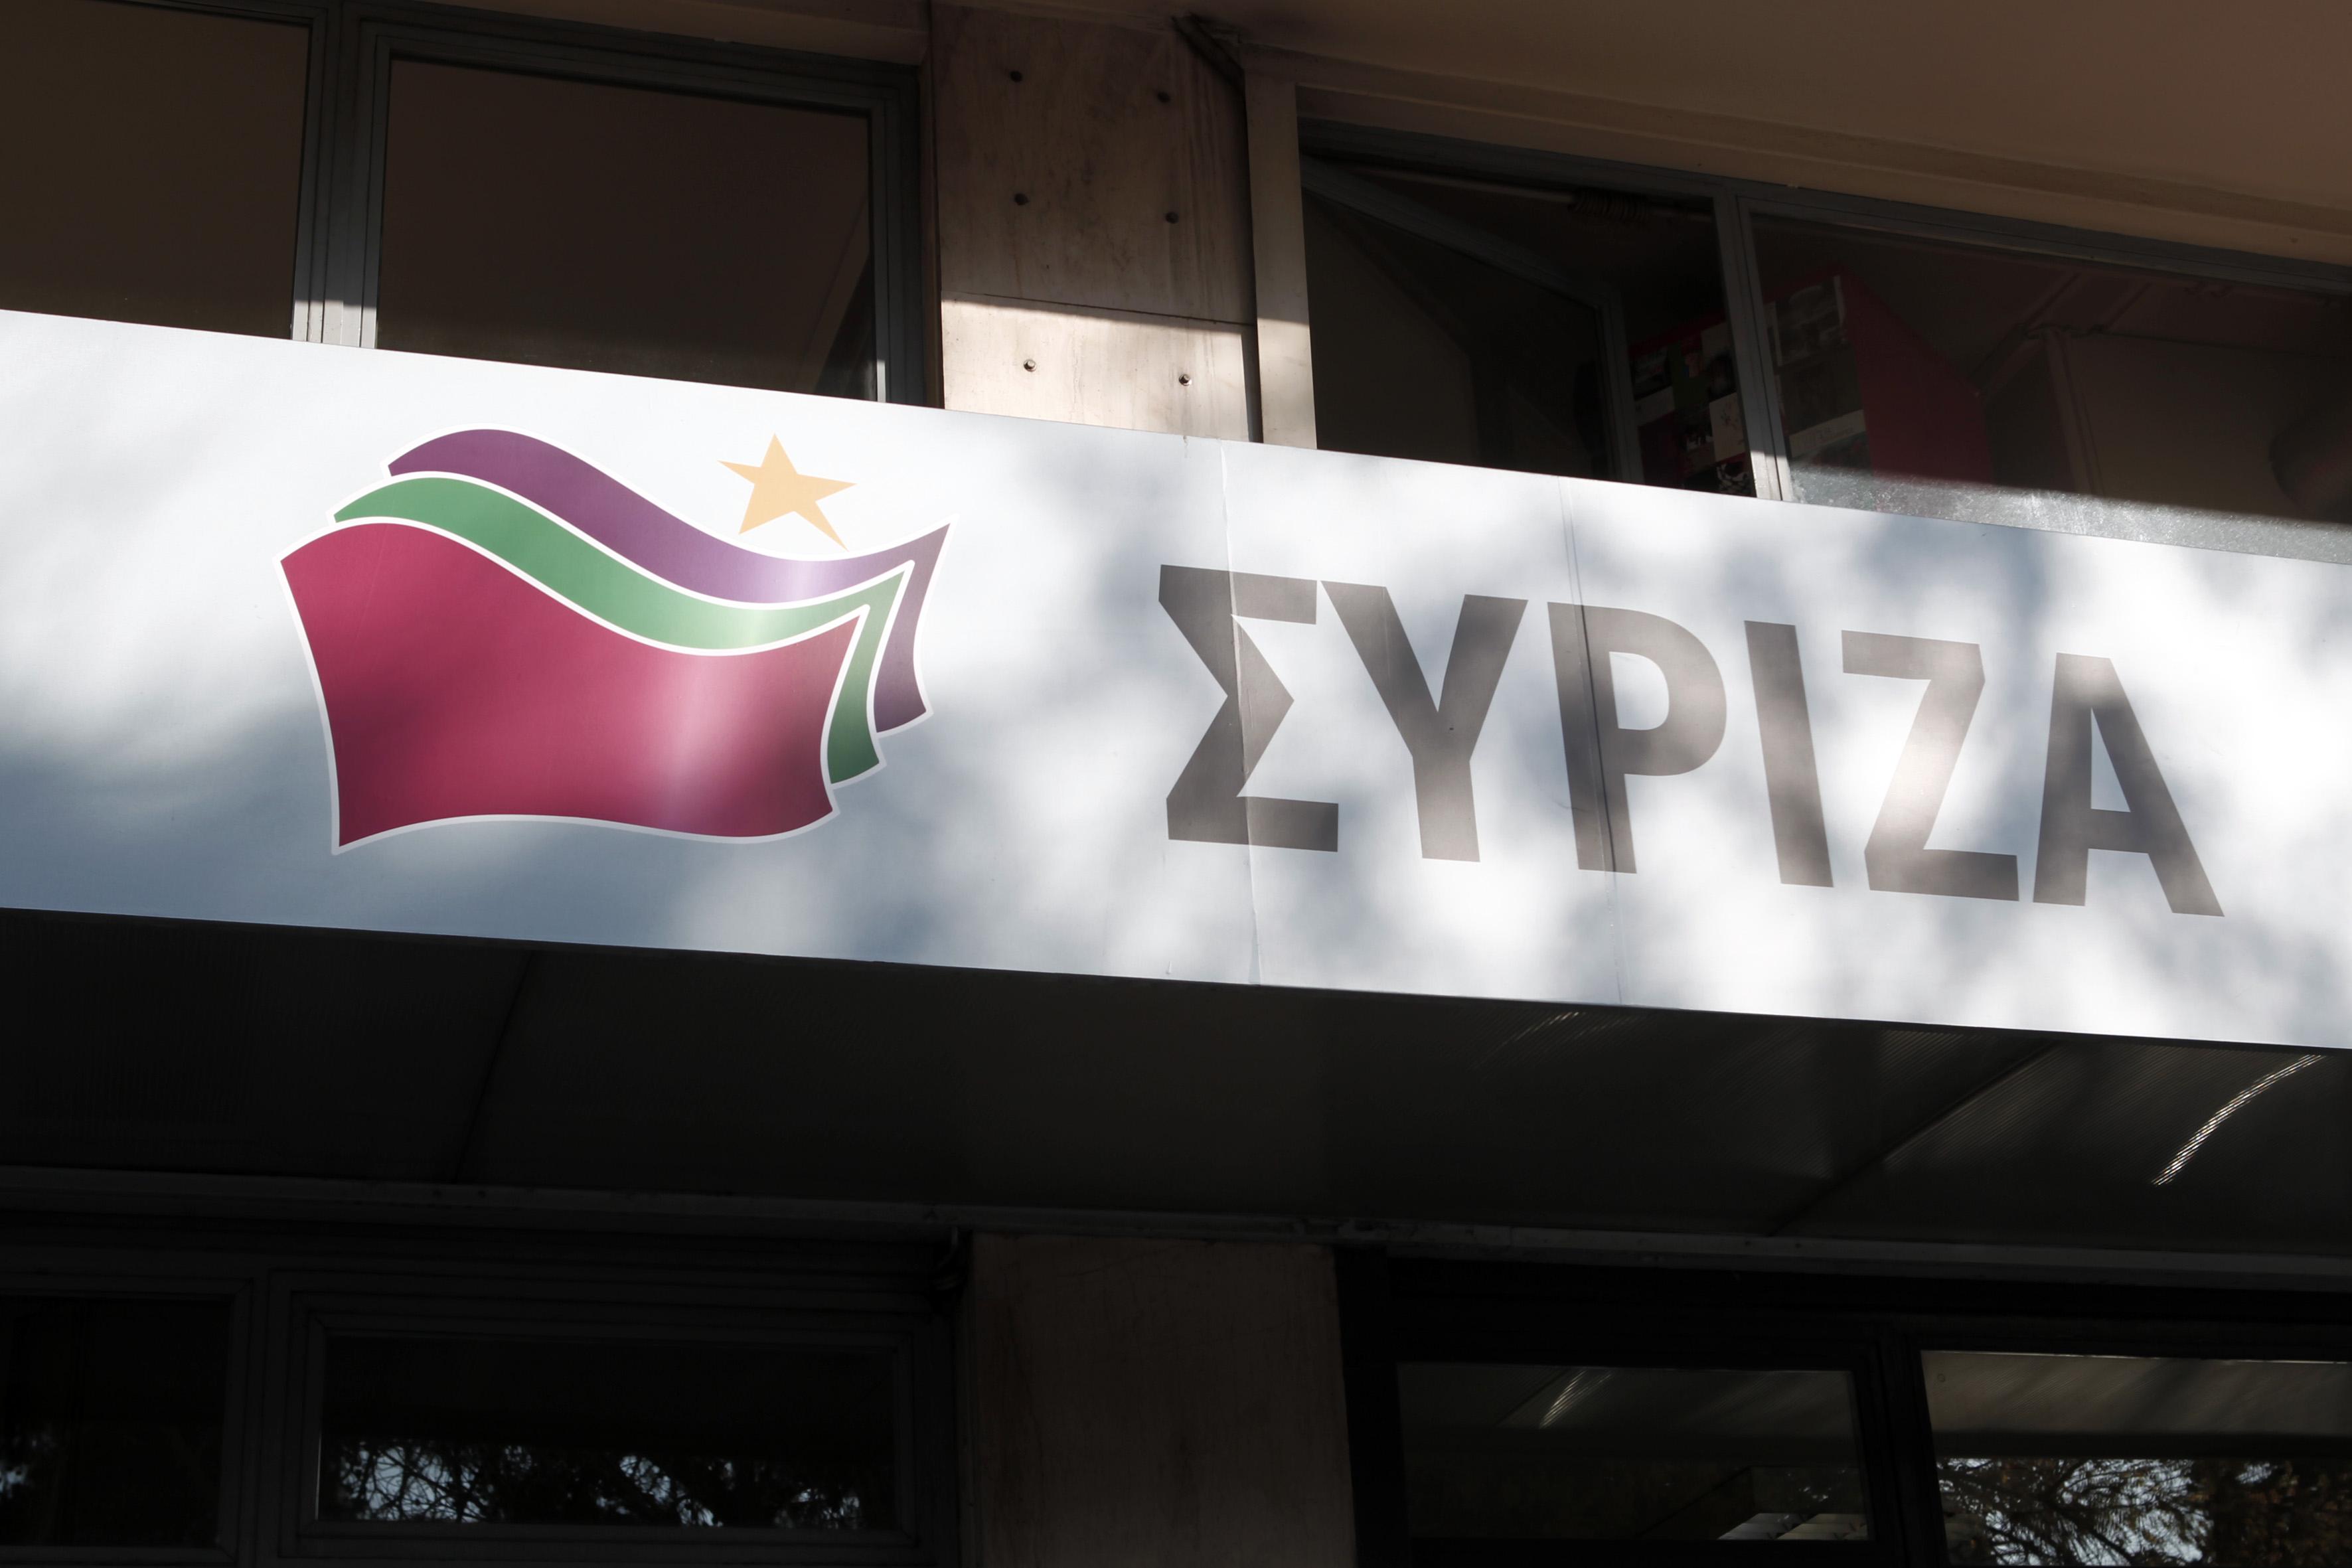 «Ηθική και πολιτική νίκη» η ψήφιση της απλής αναλογικής, εκτιμά η ΠΓ ΣΥΡΙΖΑ | tovima.gr